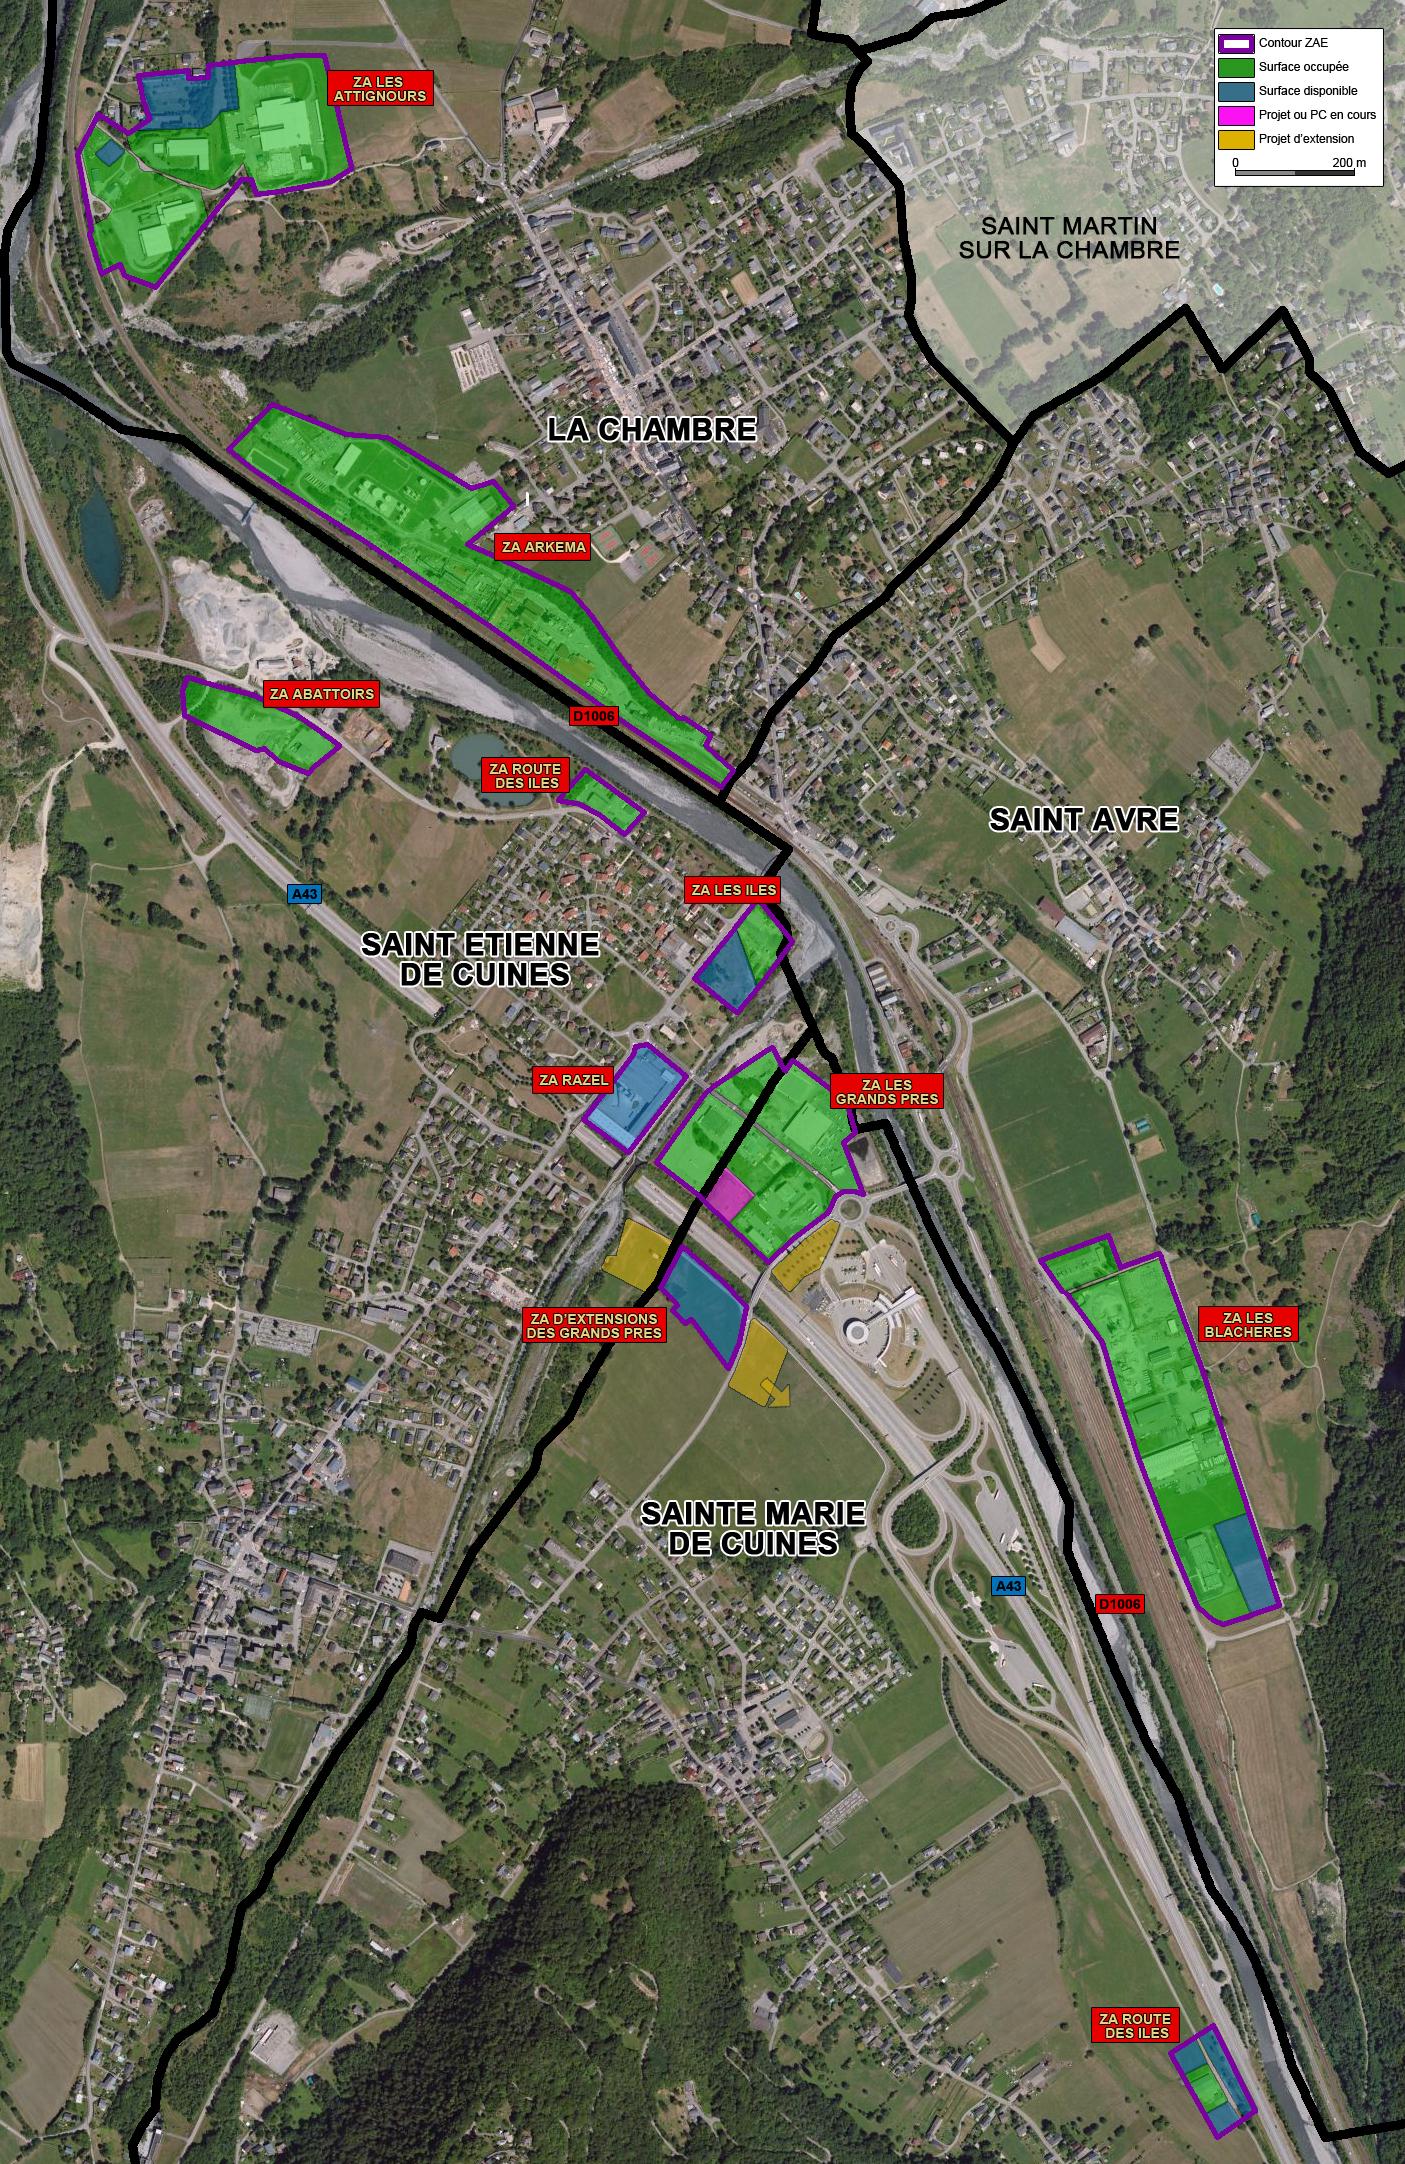 plan ZAE La Chambre, Saint Avre, Saint Etienne de Cuines et Sainte Marie de Cuines